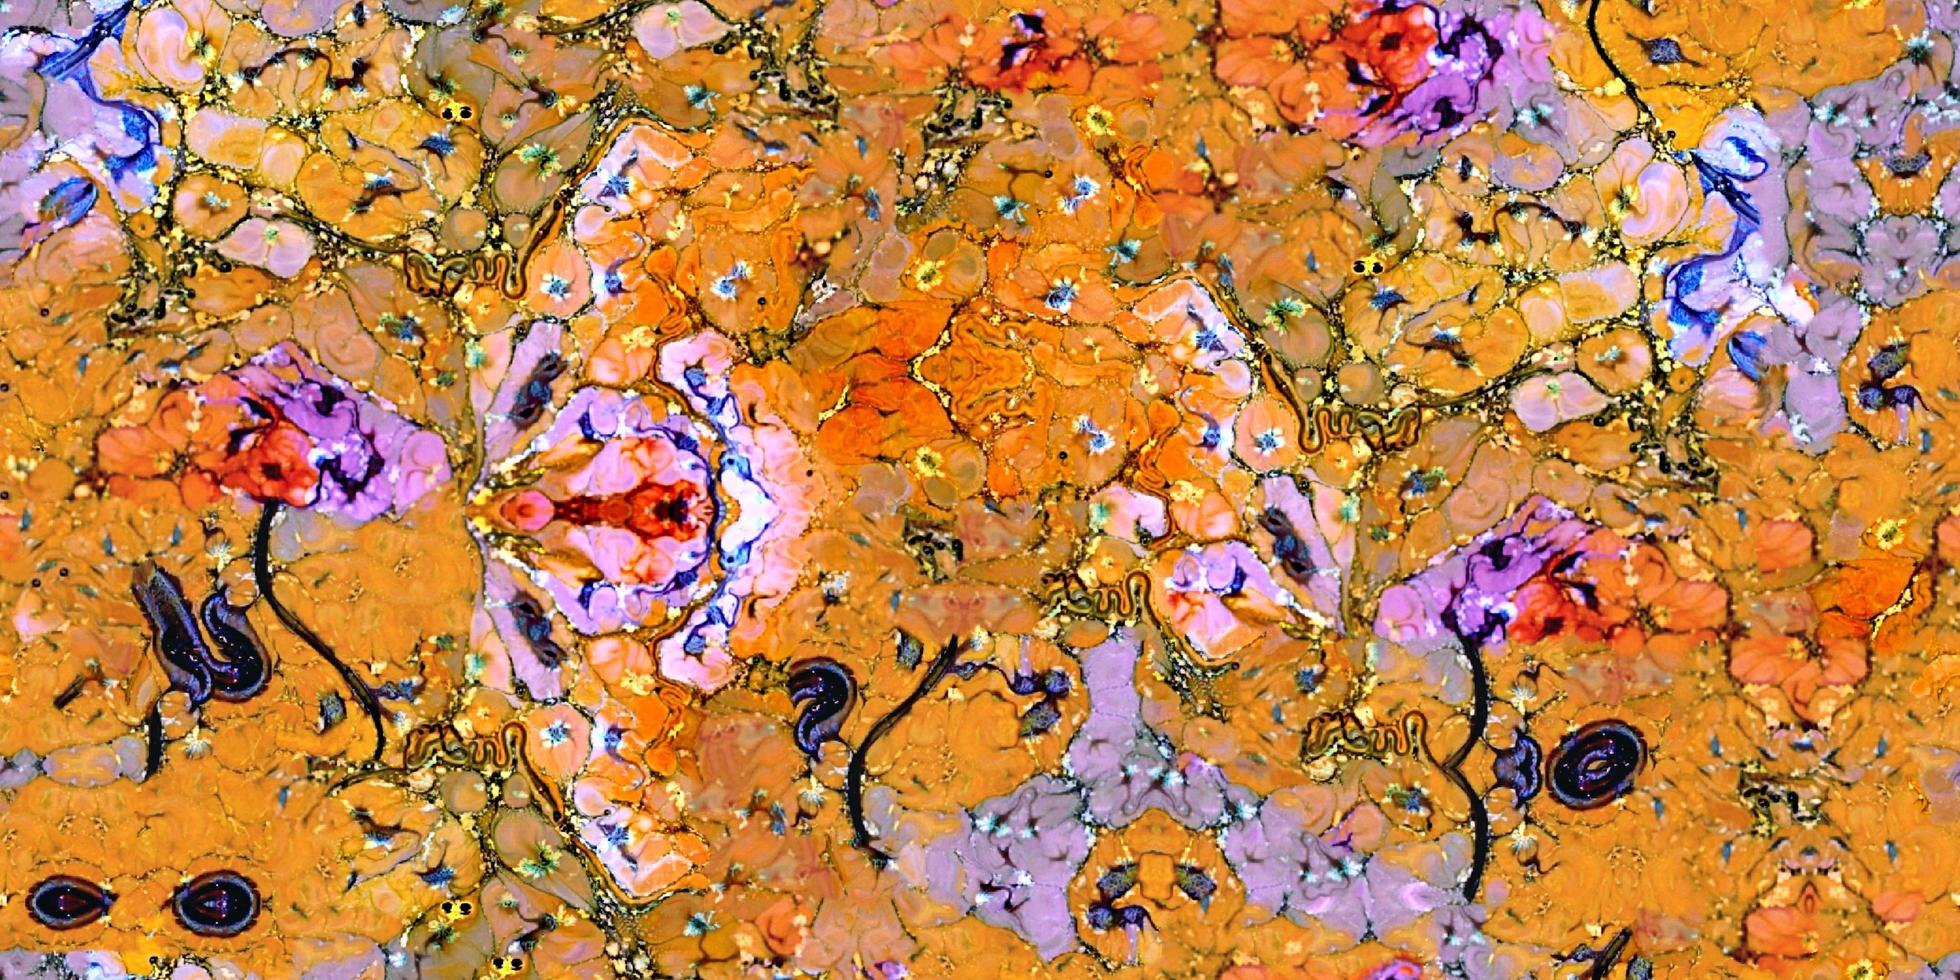 abstracte kleurrijke verf surrealistische samless en betegelbare achtergrond foto